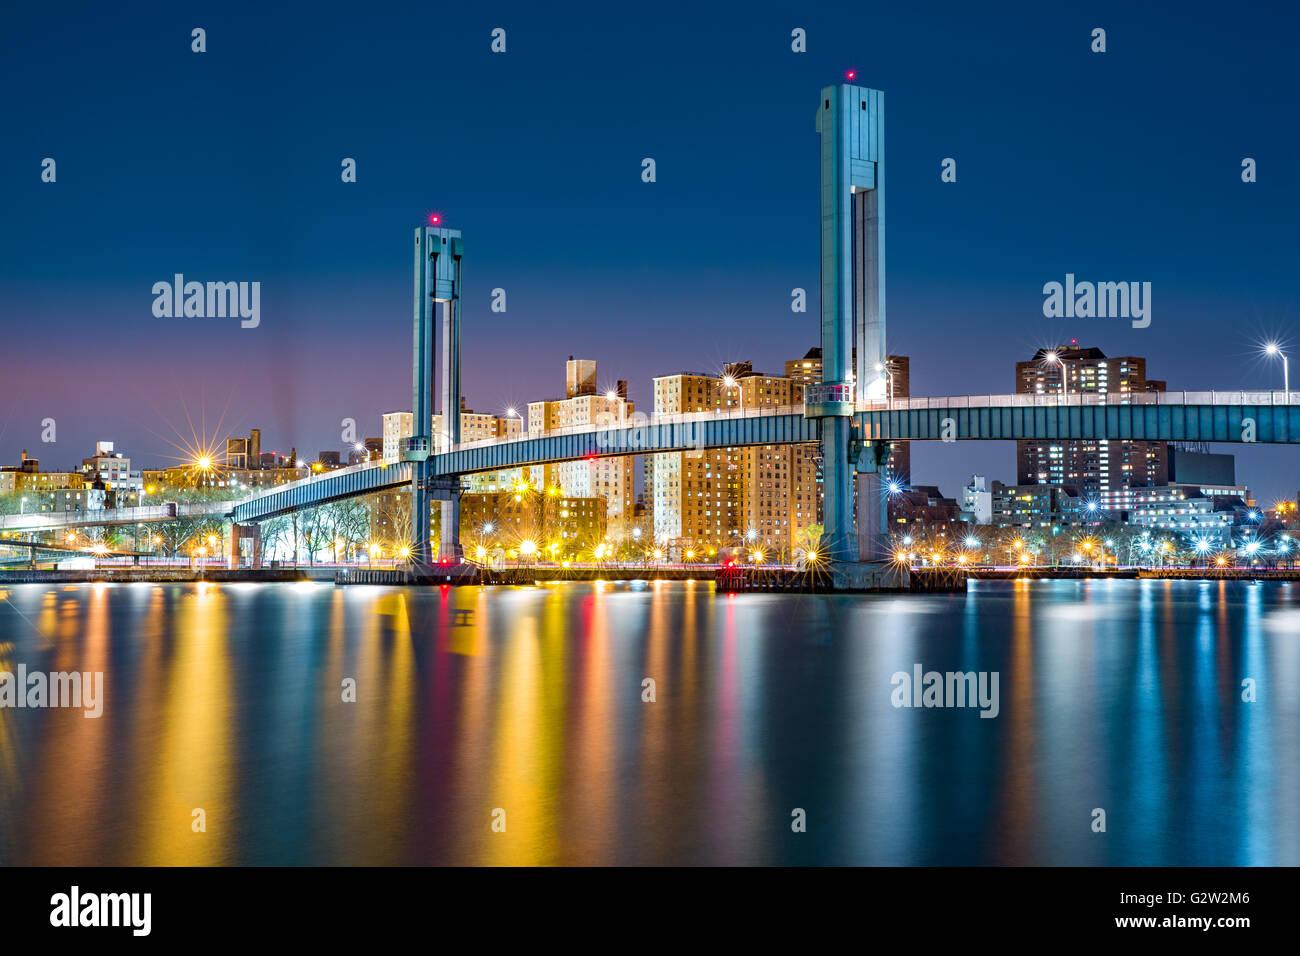 Gemeinden Insel Fußgängerbrücke überquert Harlem River zwischen Manhattan Island und Wards Island Stockbild